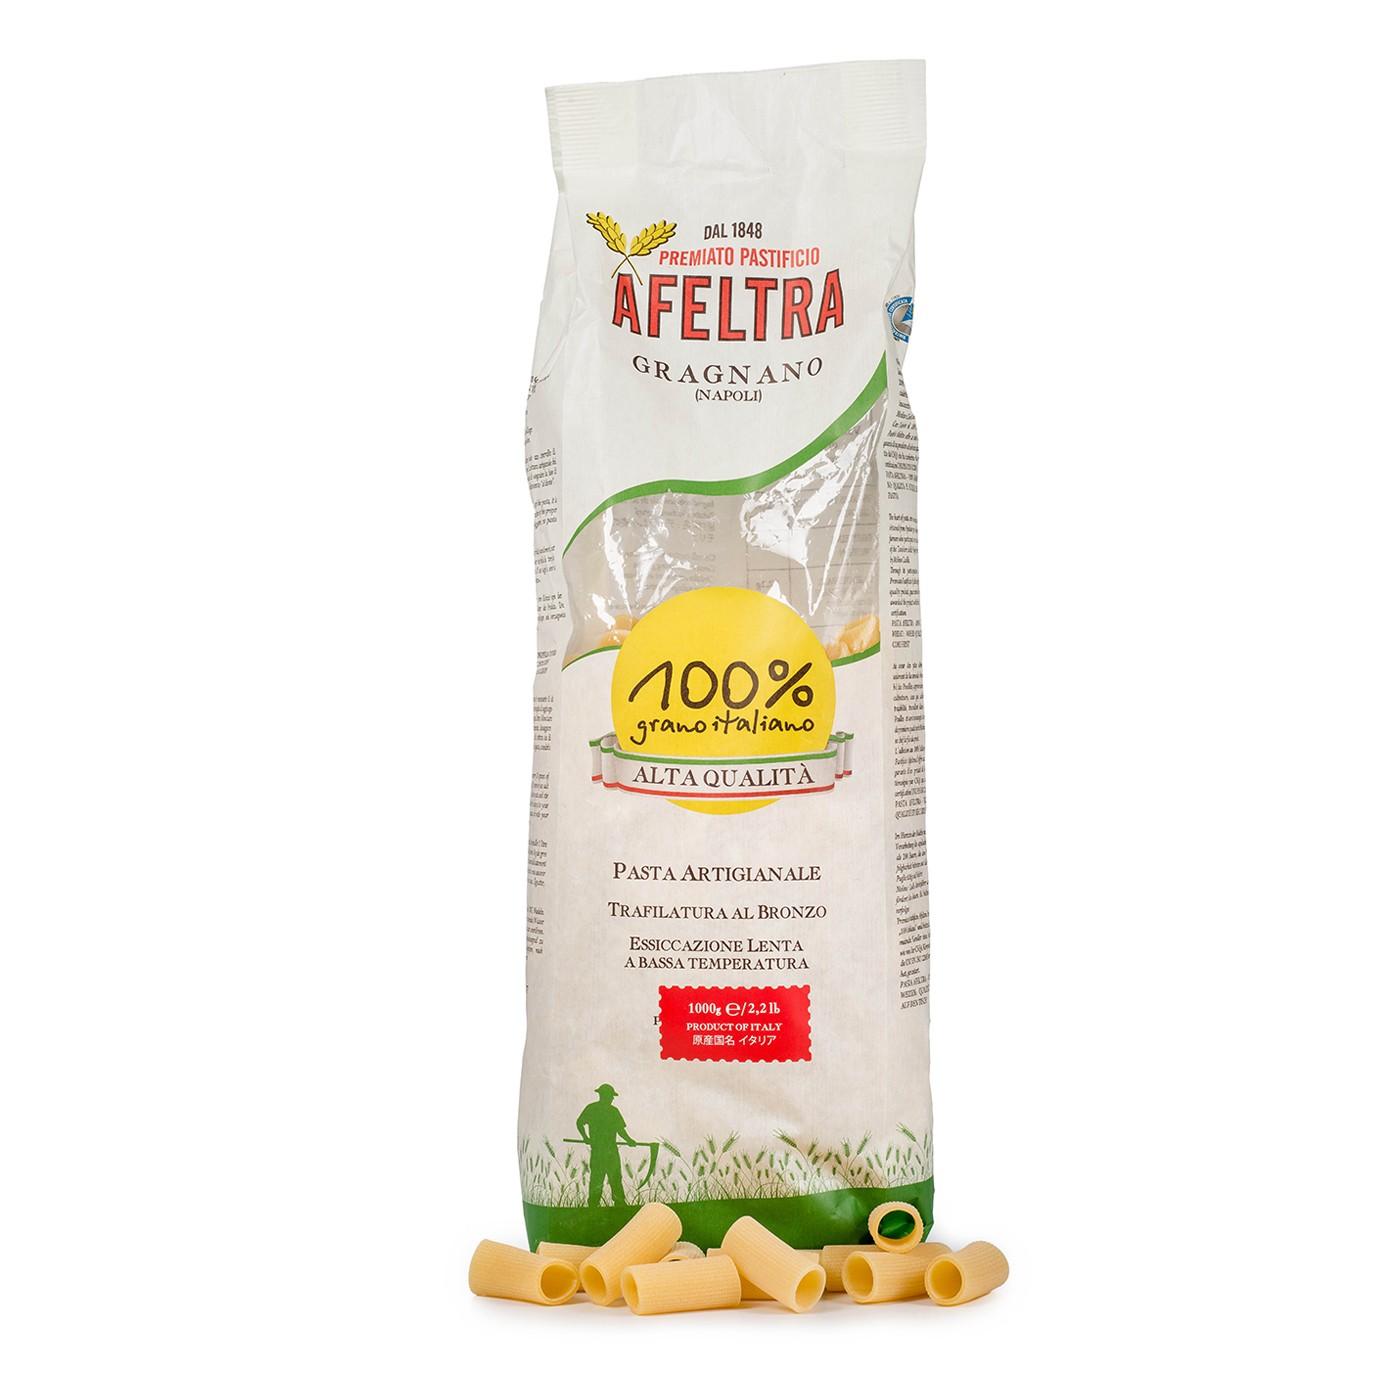 100% Italian Grain Rigatoni 35.3 oz